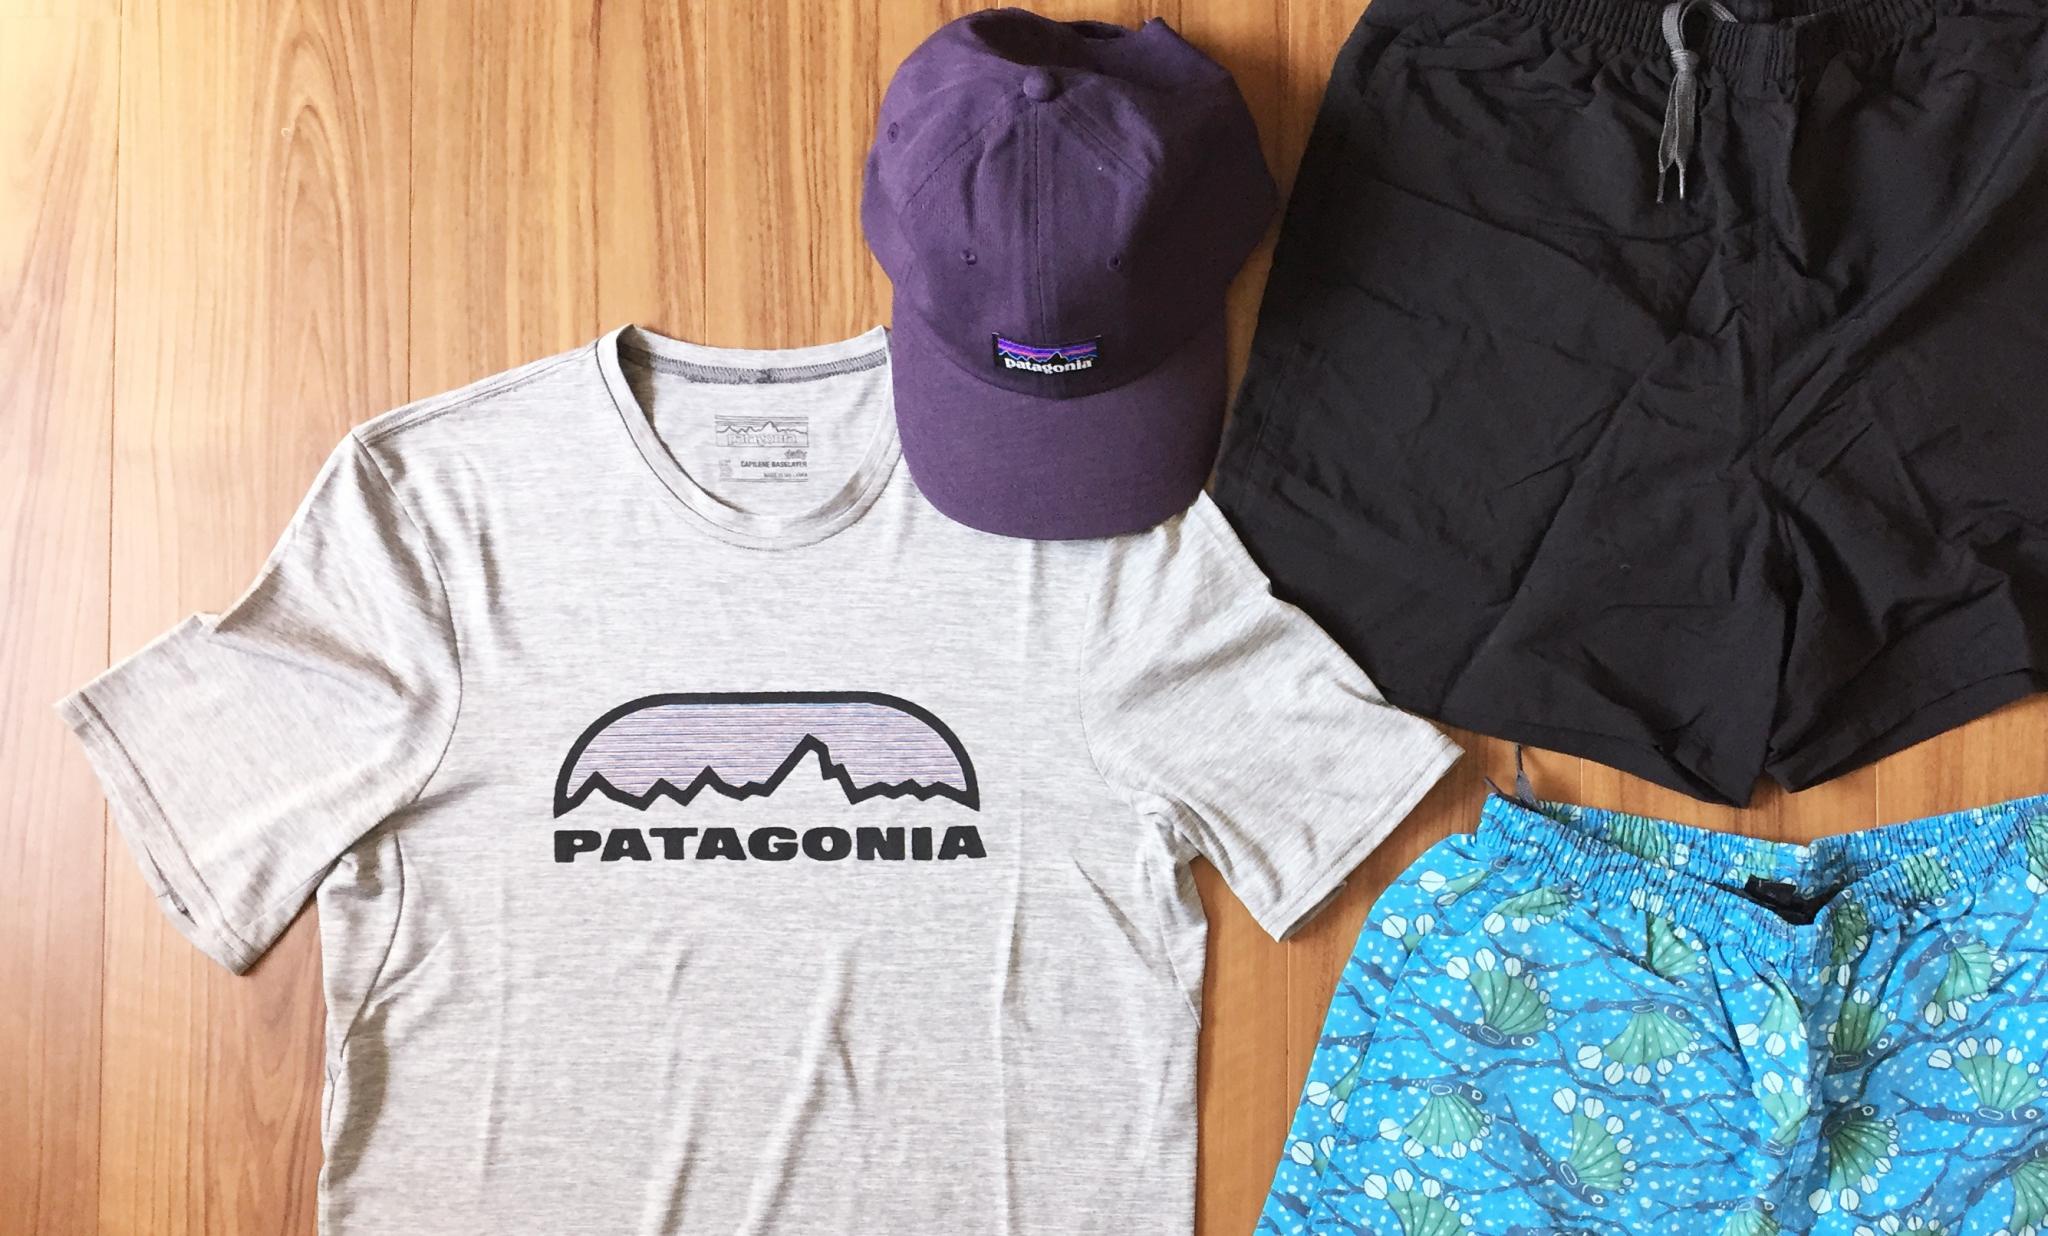 やっぱりPatagonia(パタゴニア)フーディニ・ジャケットとバギーズパンツで~息子のサッカーのお供の装い